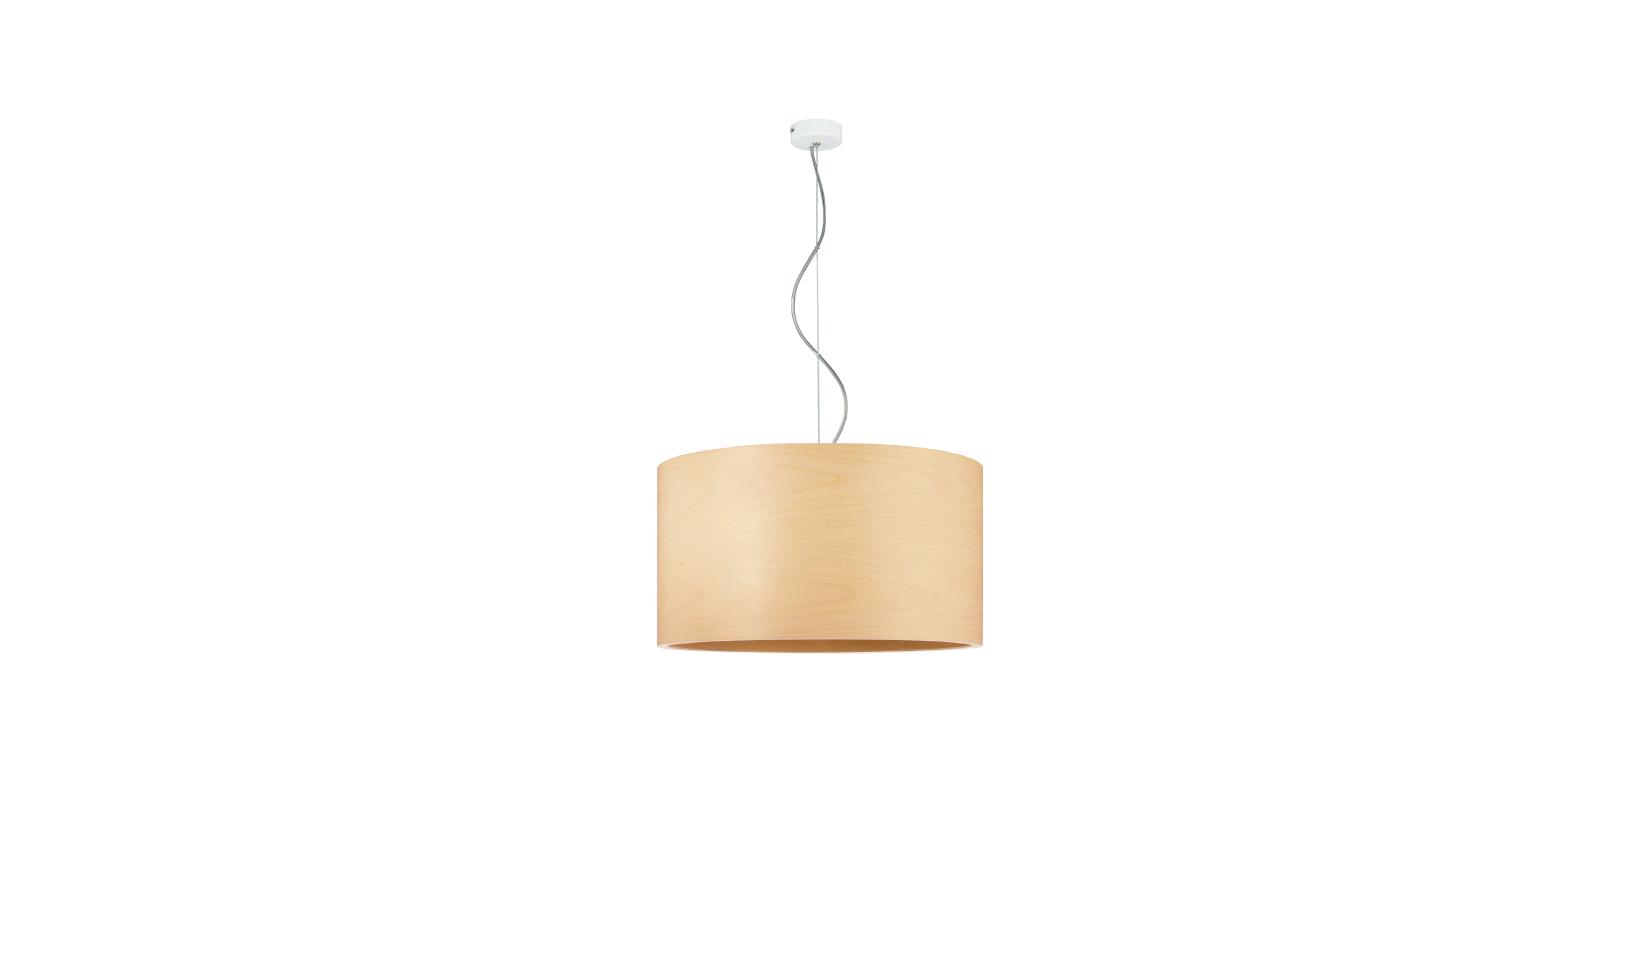 dreizehngrad pendant lamp model Funk 40/22P maple veneer lamp design lamp